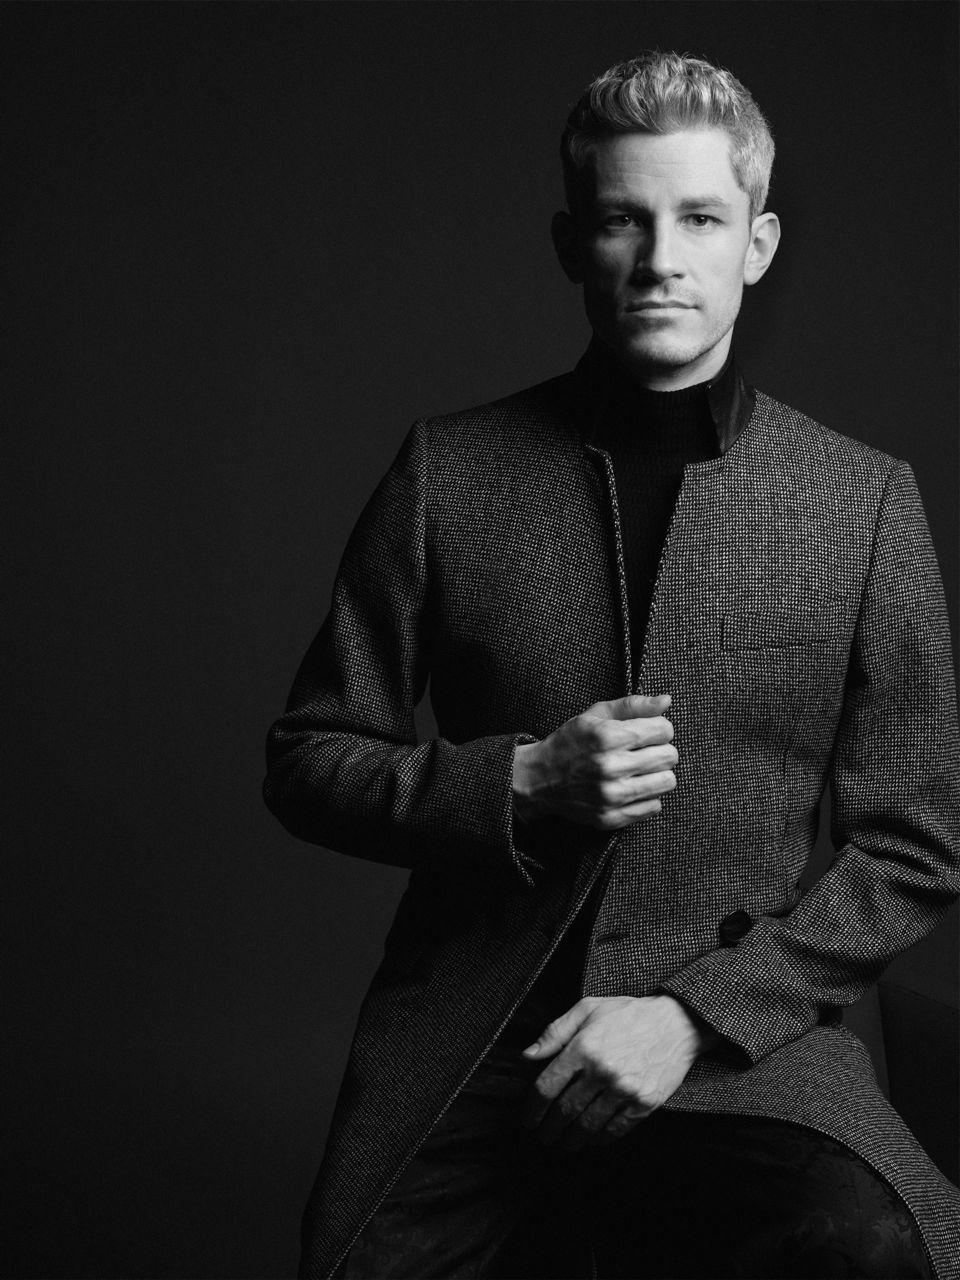 Portrait by Karl Lagerfeld